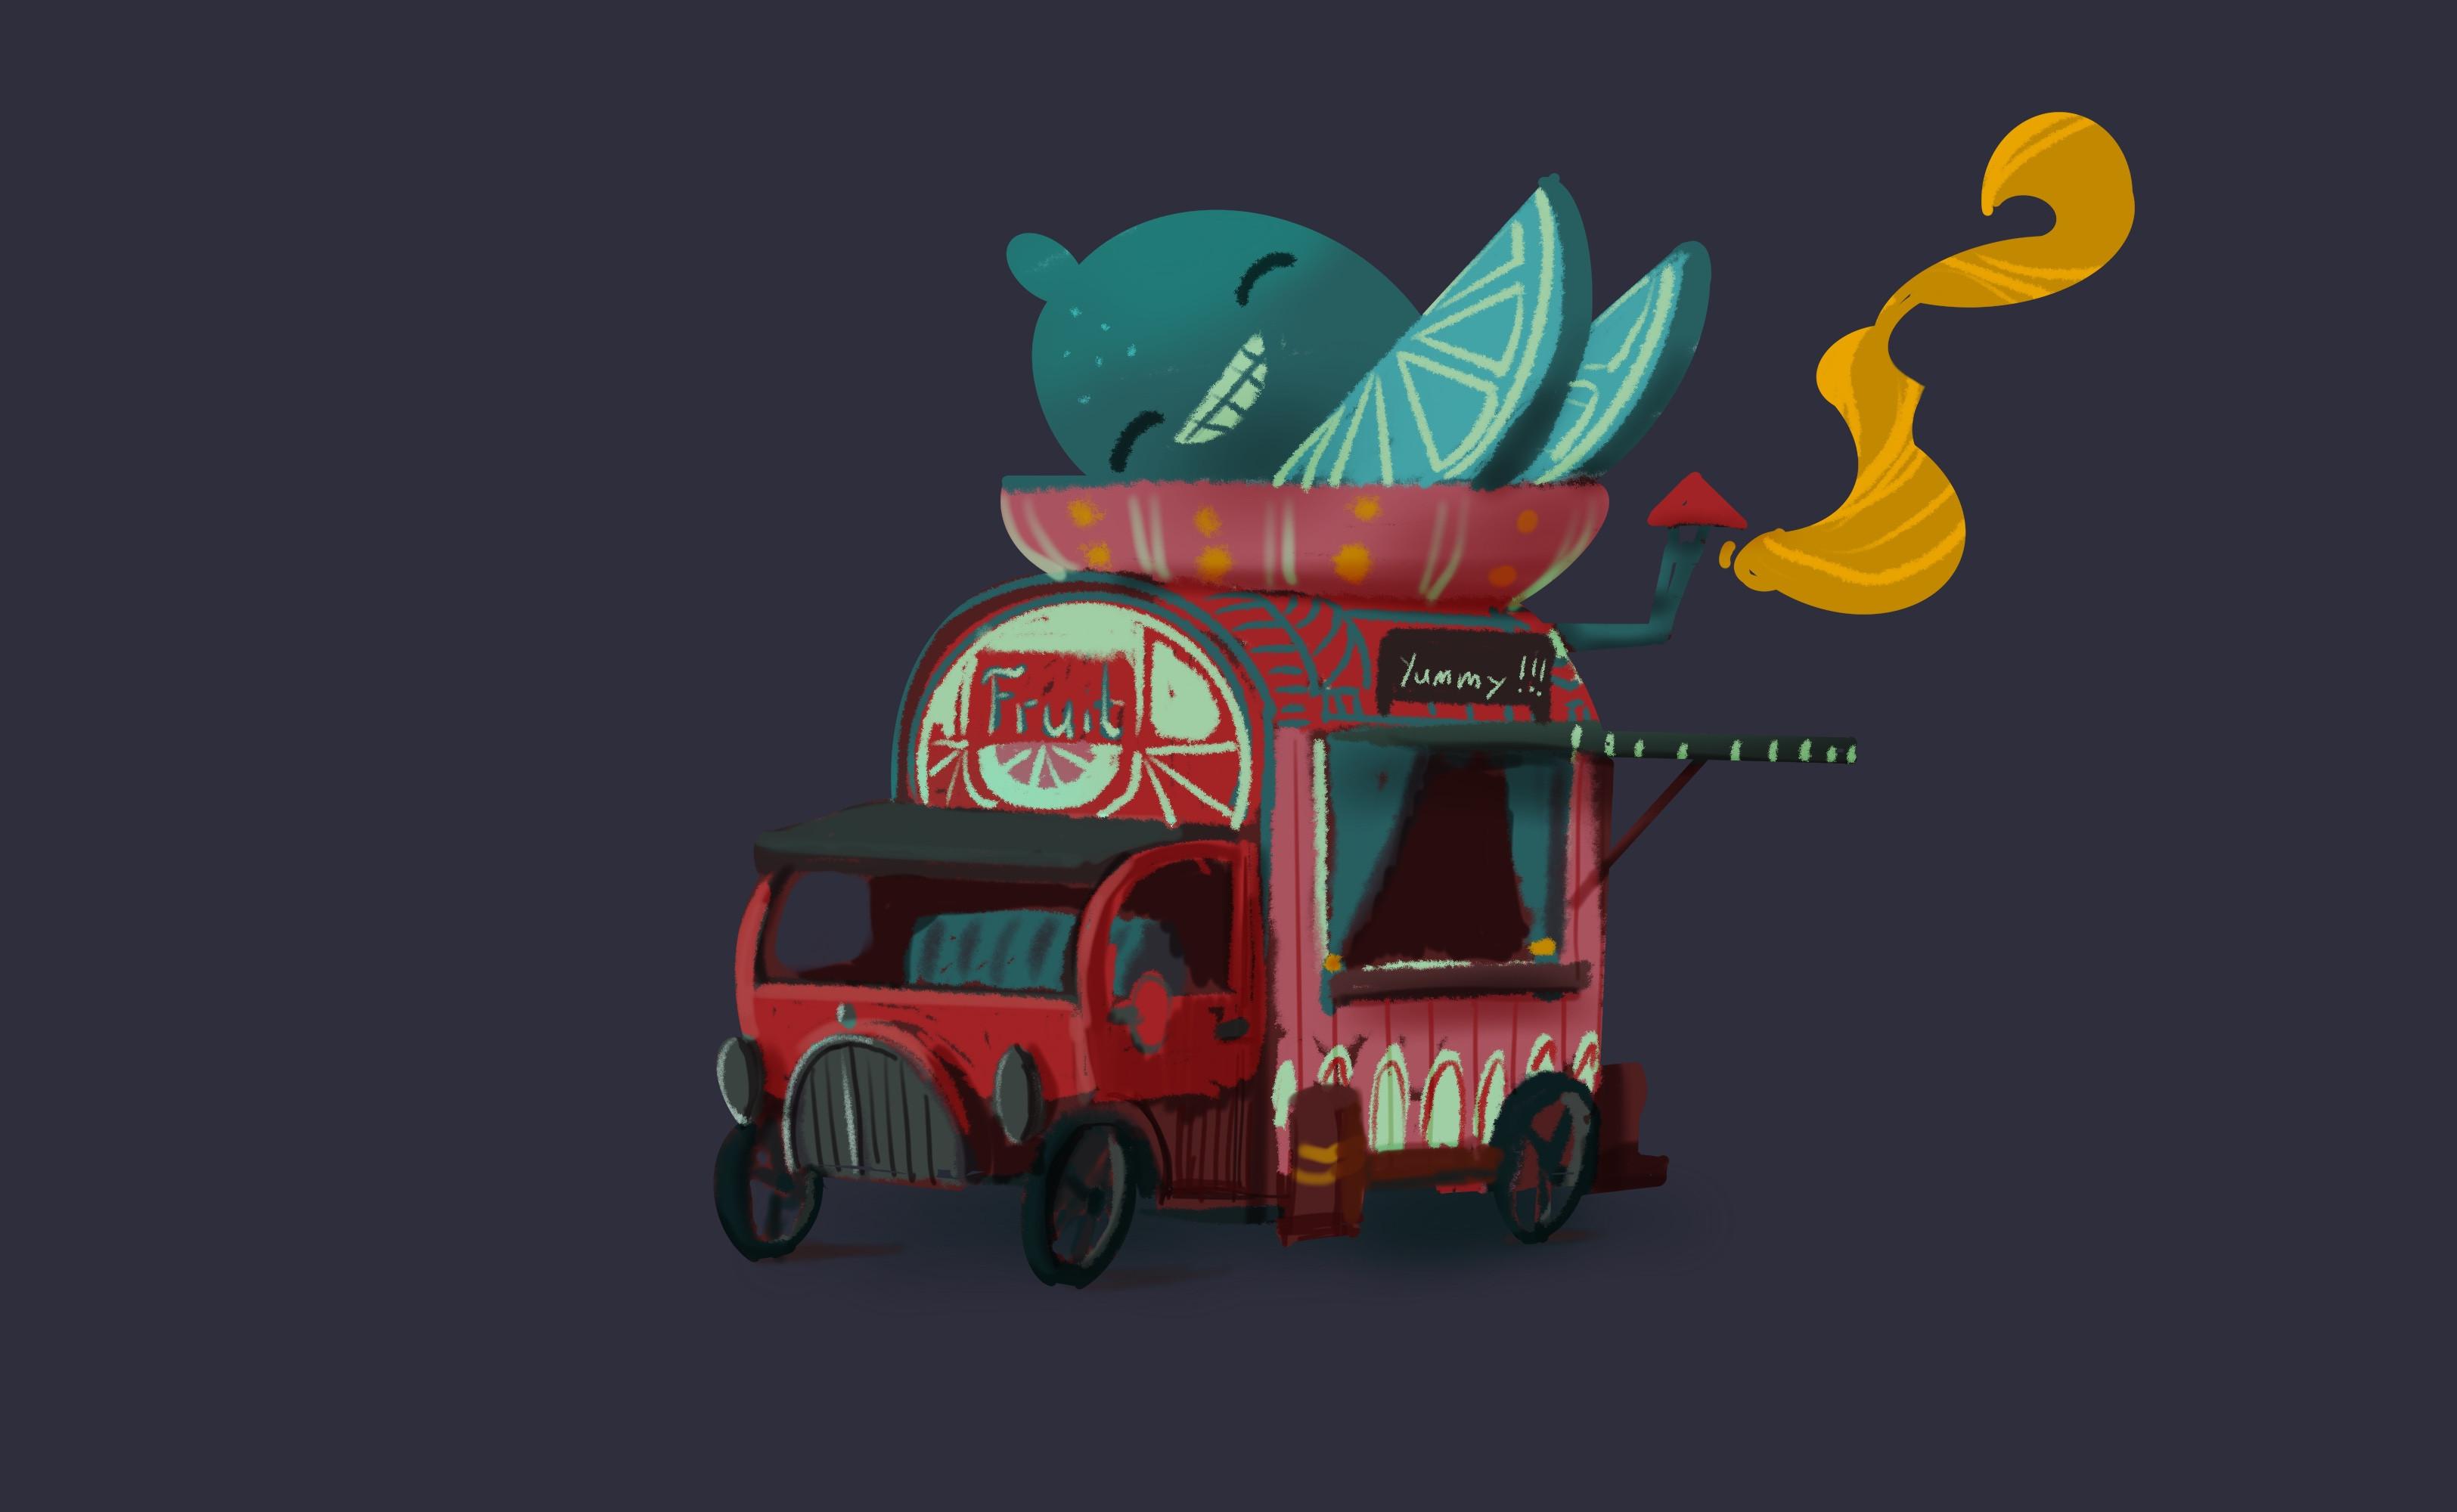 Lemon truck